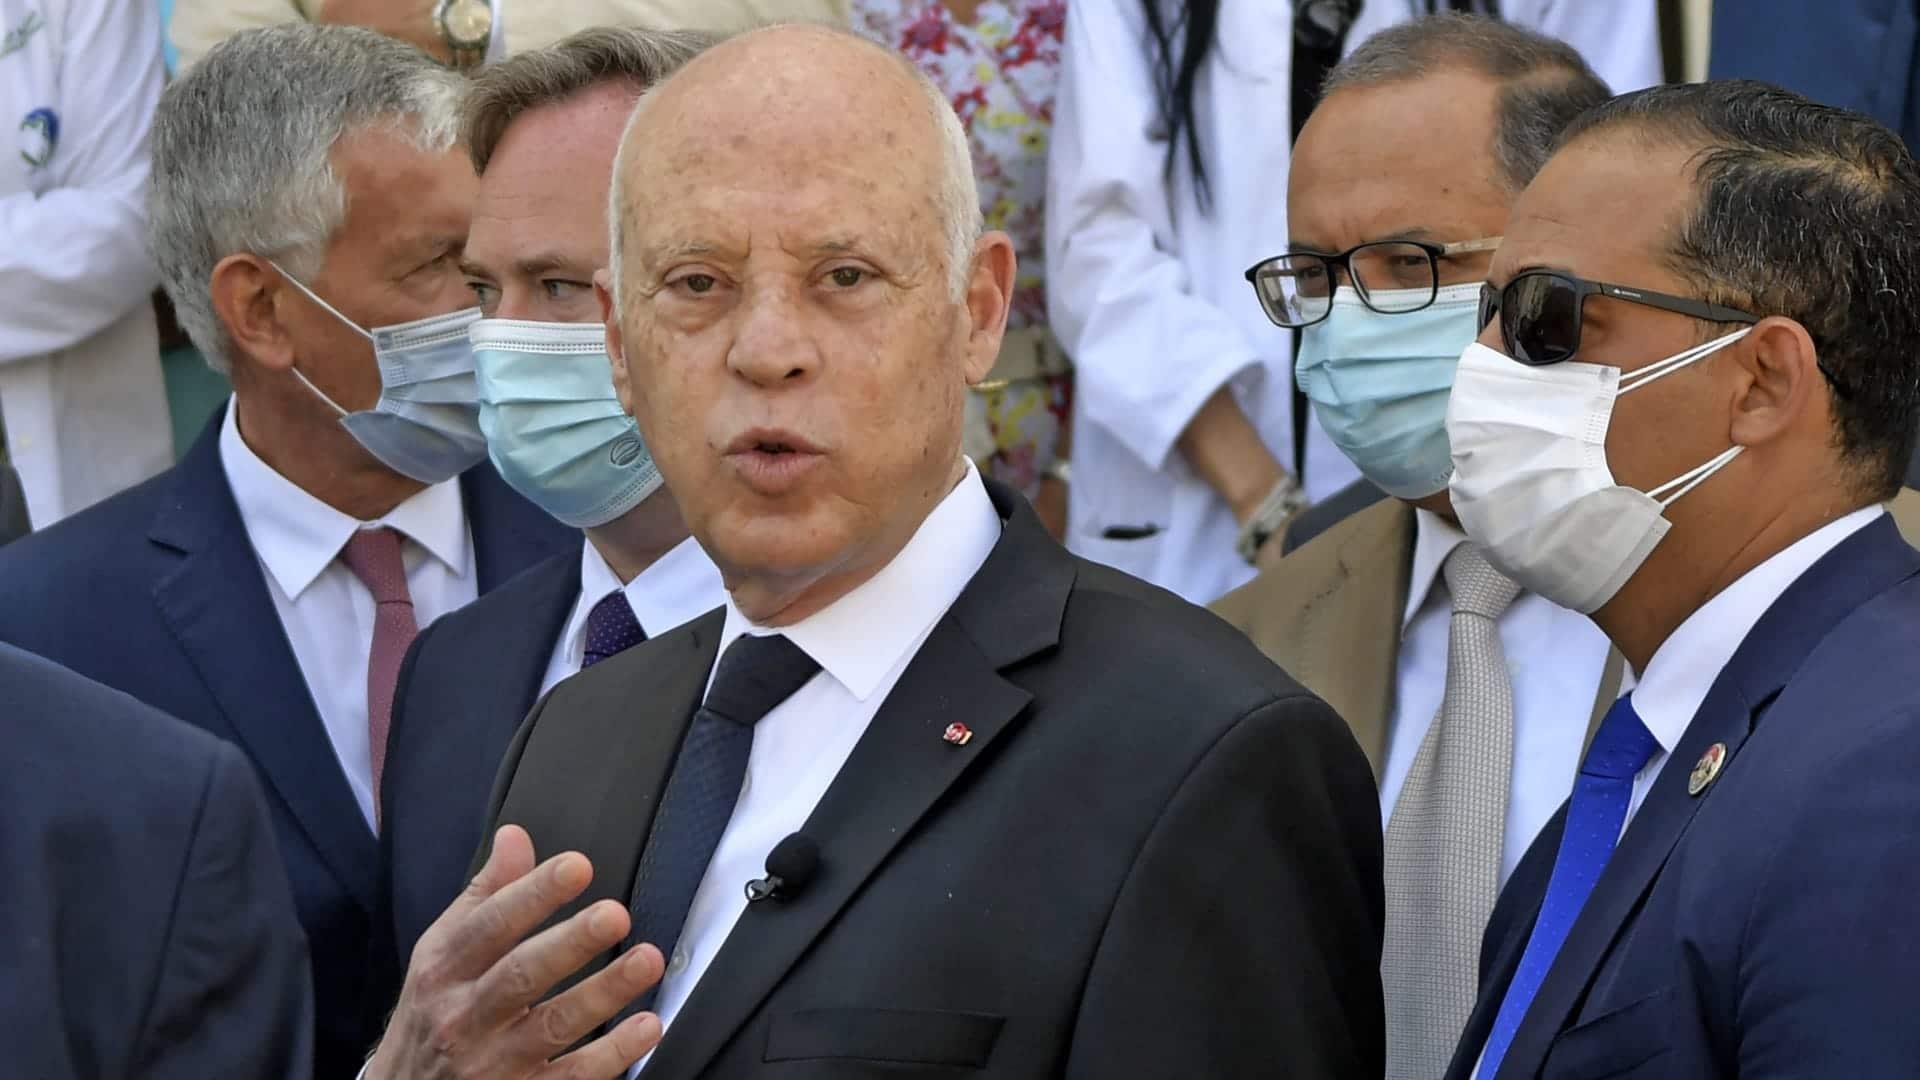 قيس سعيد يُفصل الدولة على مزاجه ويعفي وزيري الاقتصاد والفلاحة من مهامهما